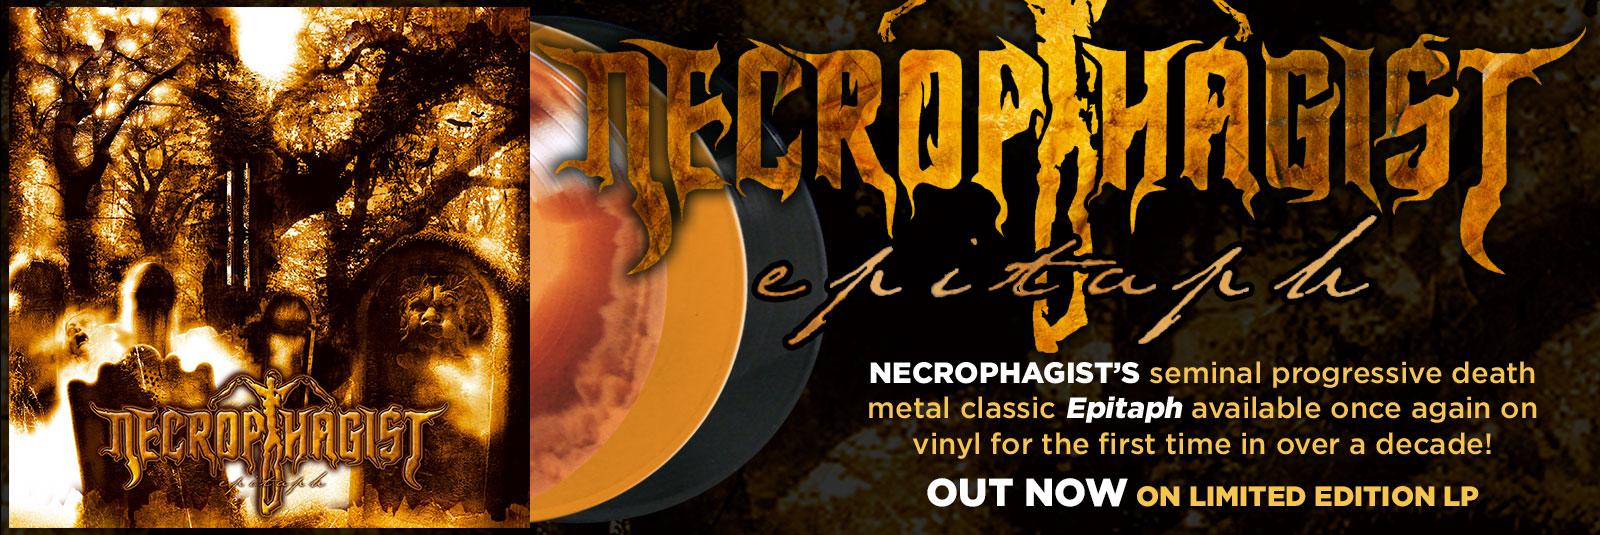 necrophagist-epitaph-reissue-lp-vinyl